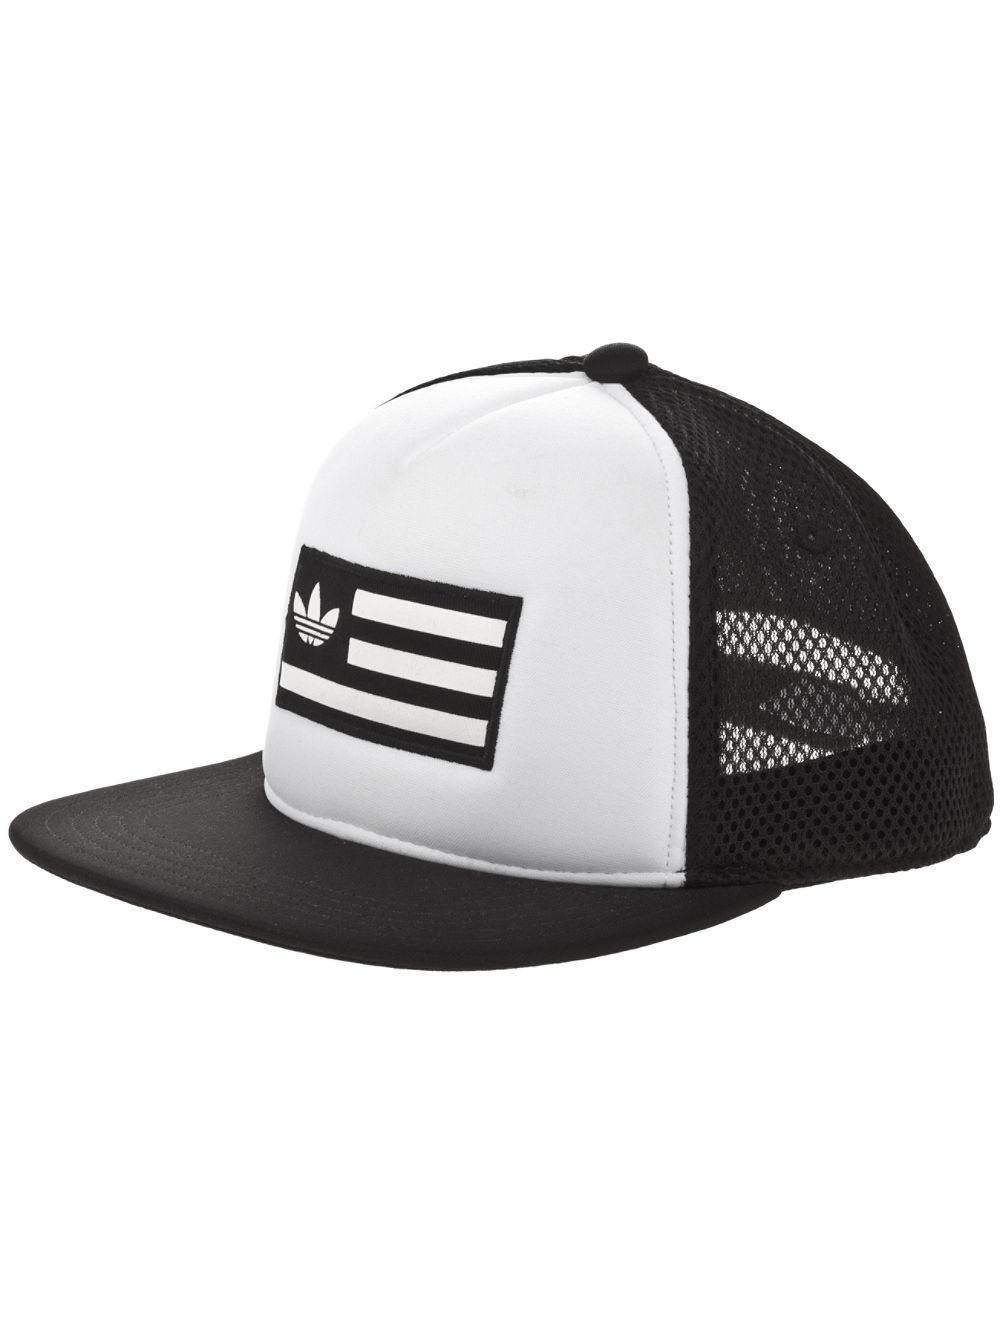 Caps online kaufen   Deine neue Cap für unter 10 EUR   Hutshopping 6435ded2b1